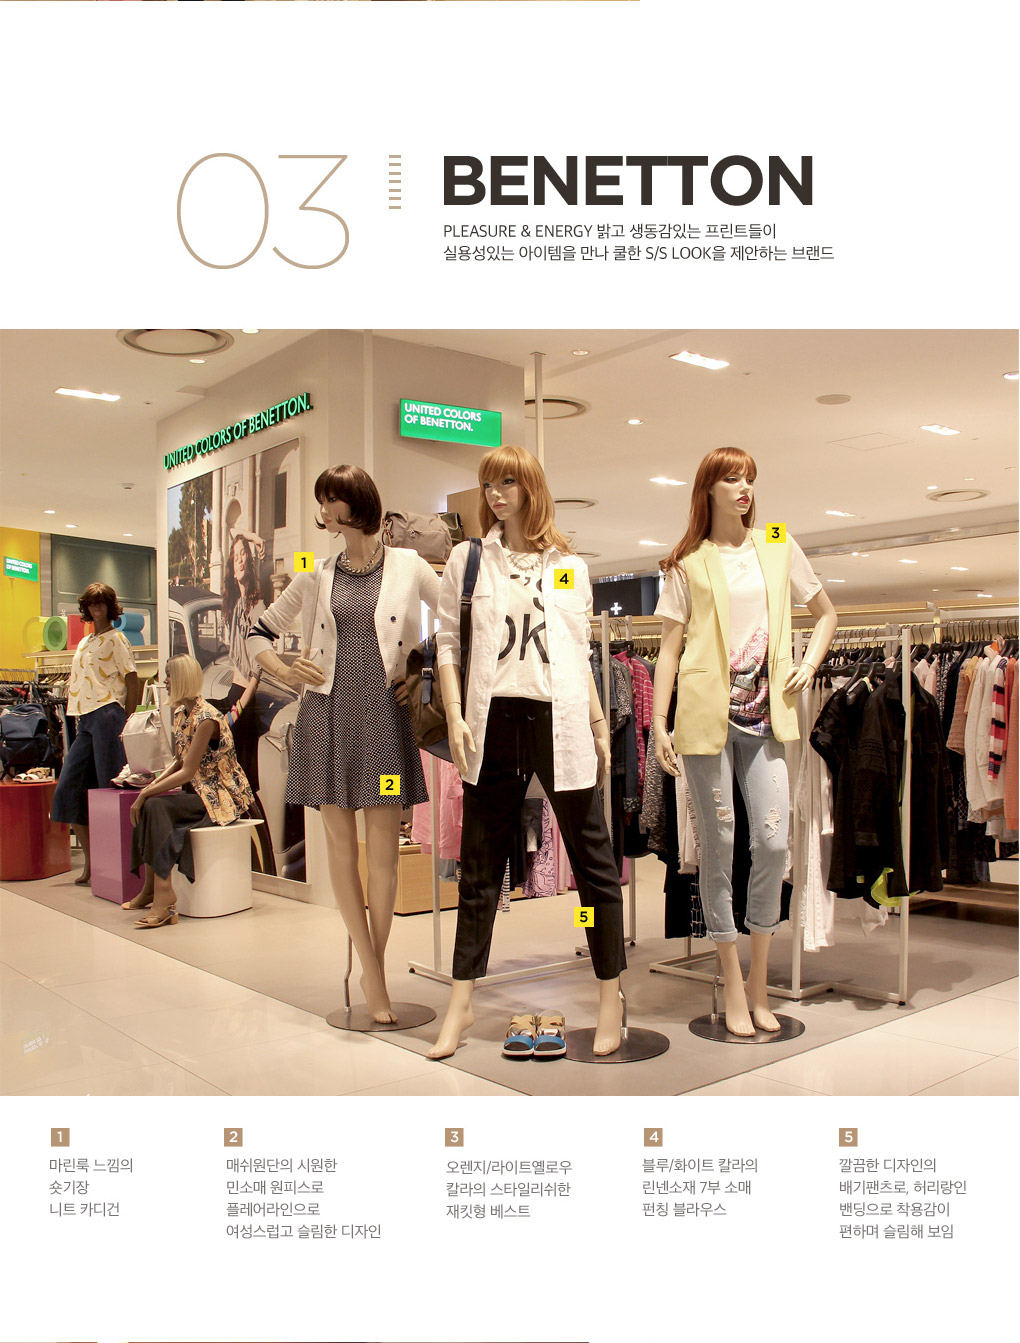 03.BENETTON